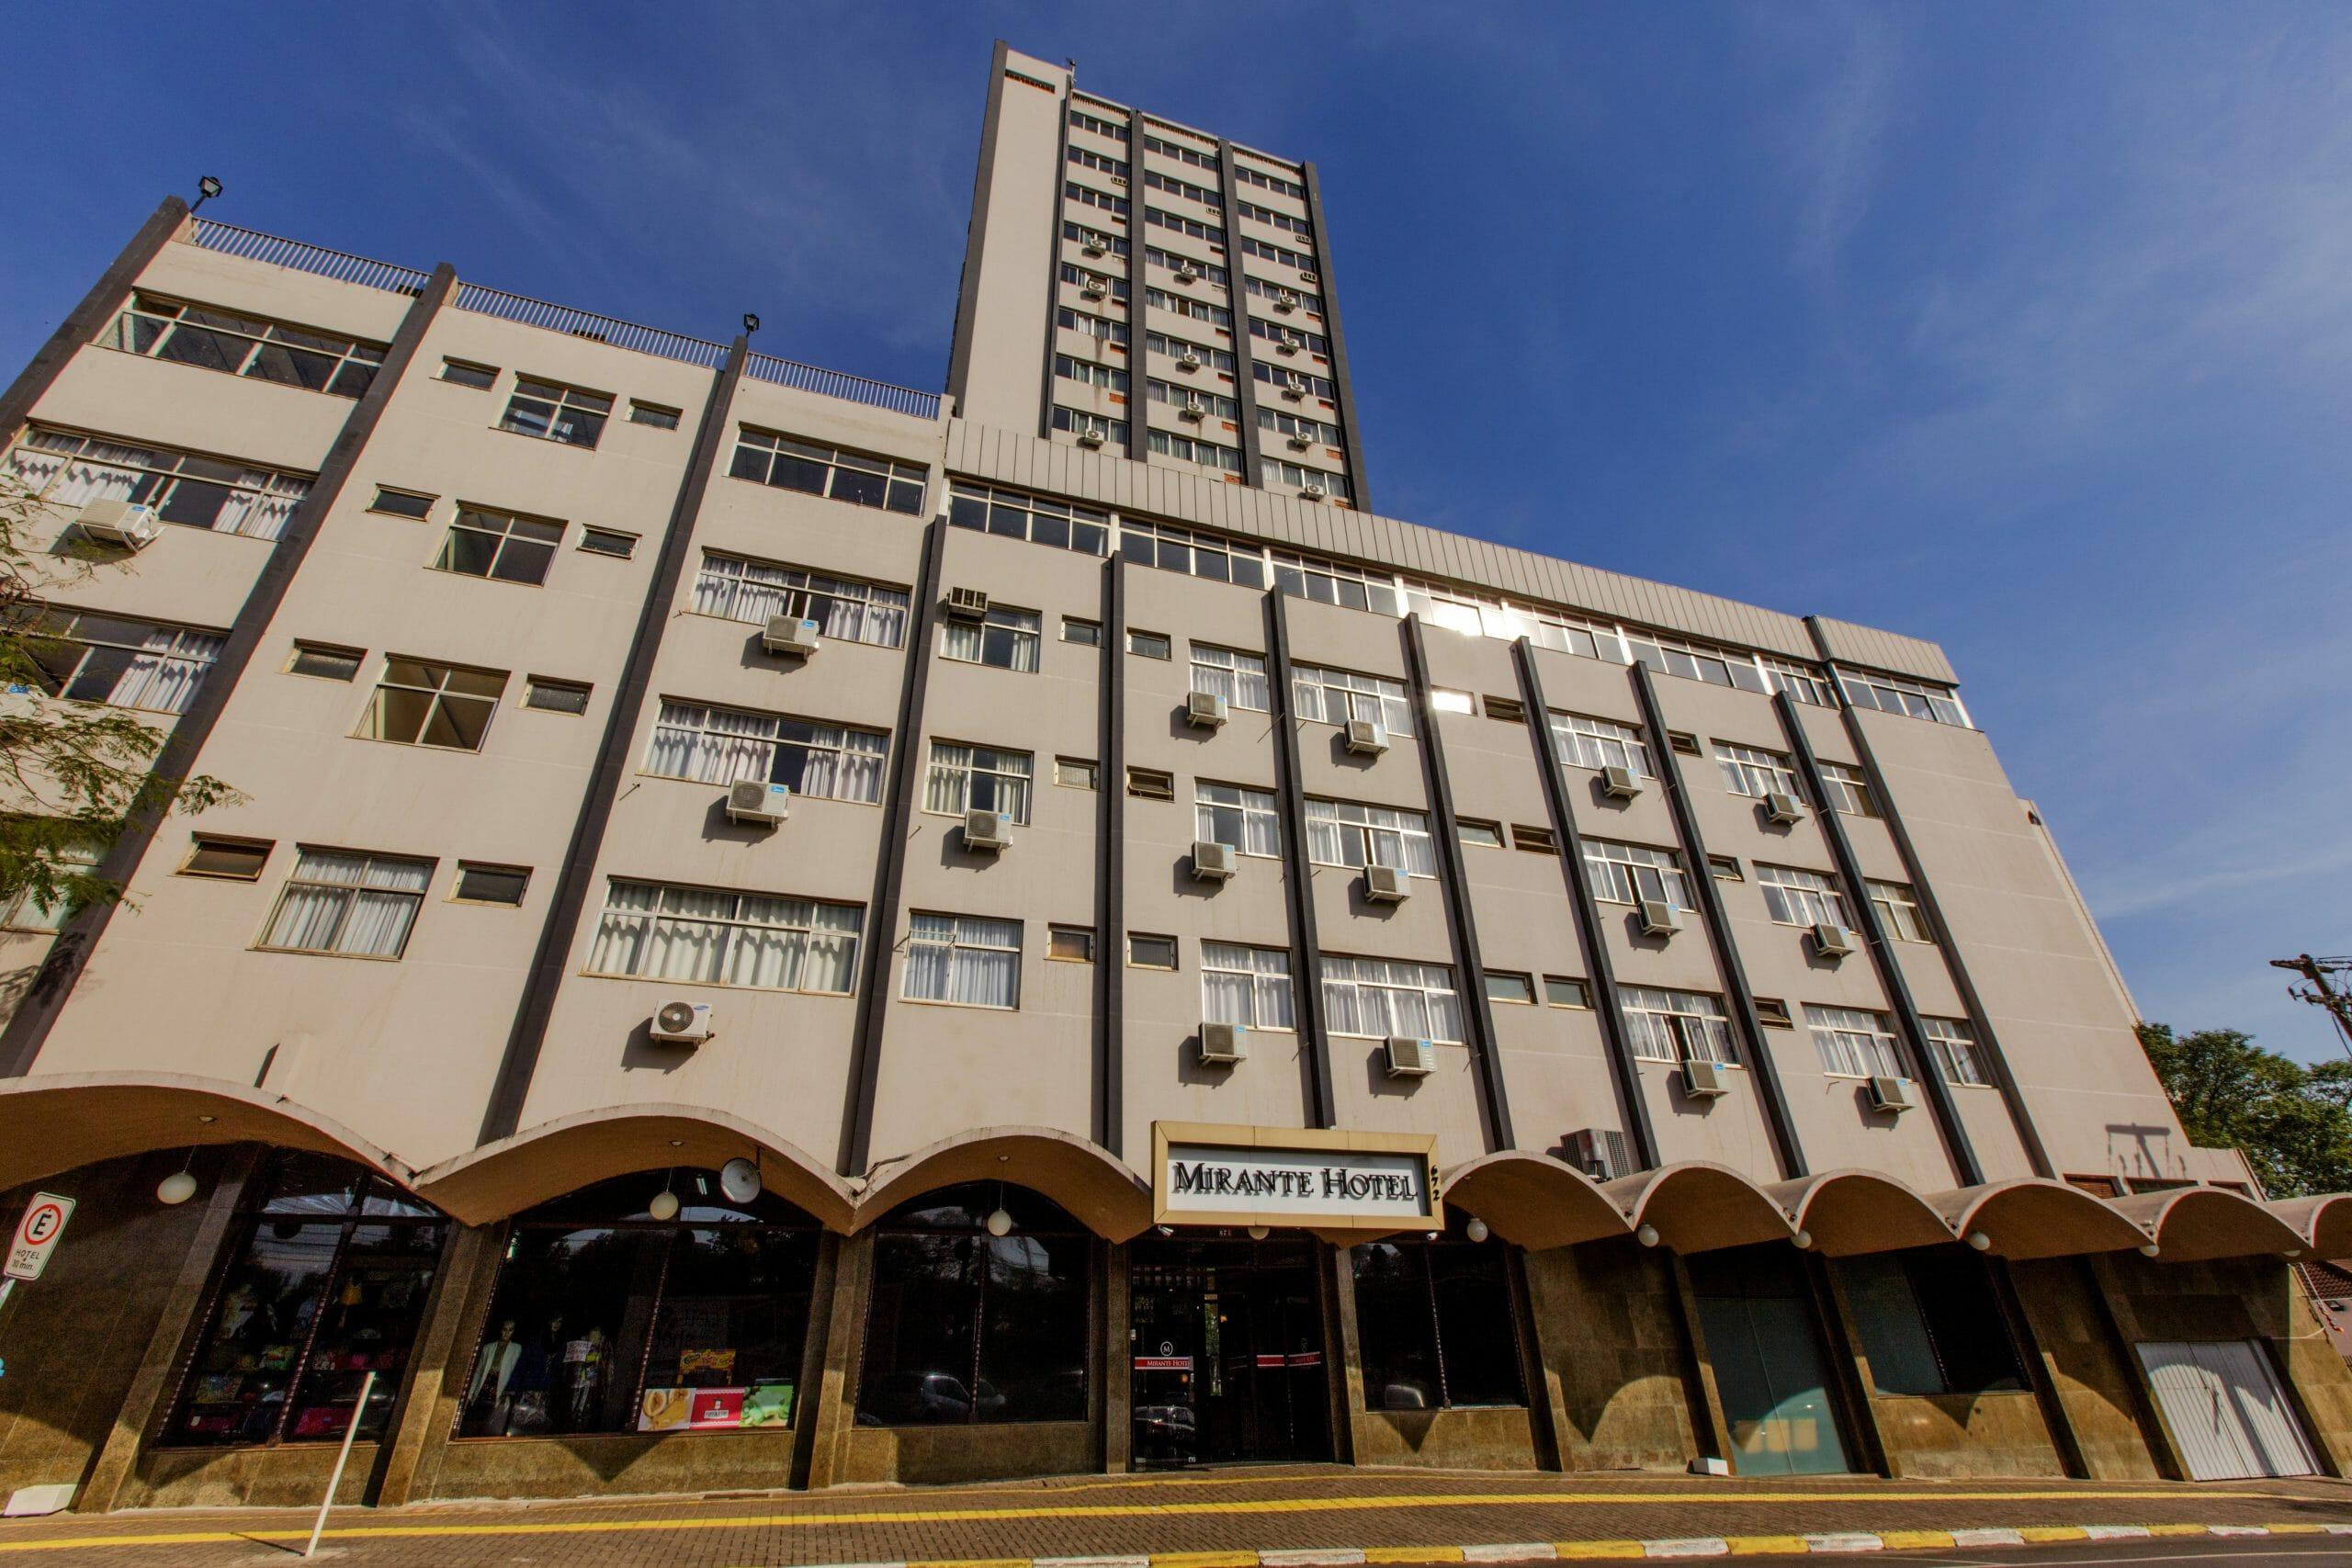 , Procurando por hotel no centro de Foz do Iguaçu? O Mirante Hotel é a sua melhor opção!, Passeios em Foz do Iguaçu | Combos em Foz com desconto, Passeios em Foz do Iguaçu | Combos em Foz com desconto